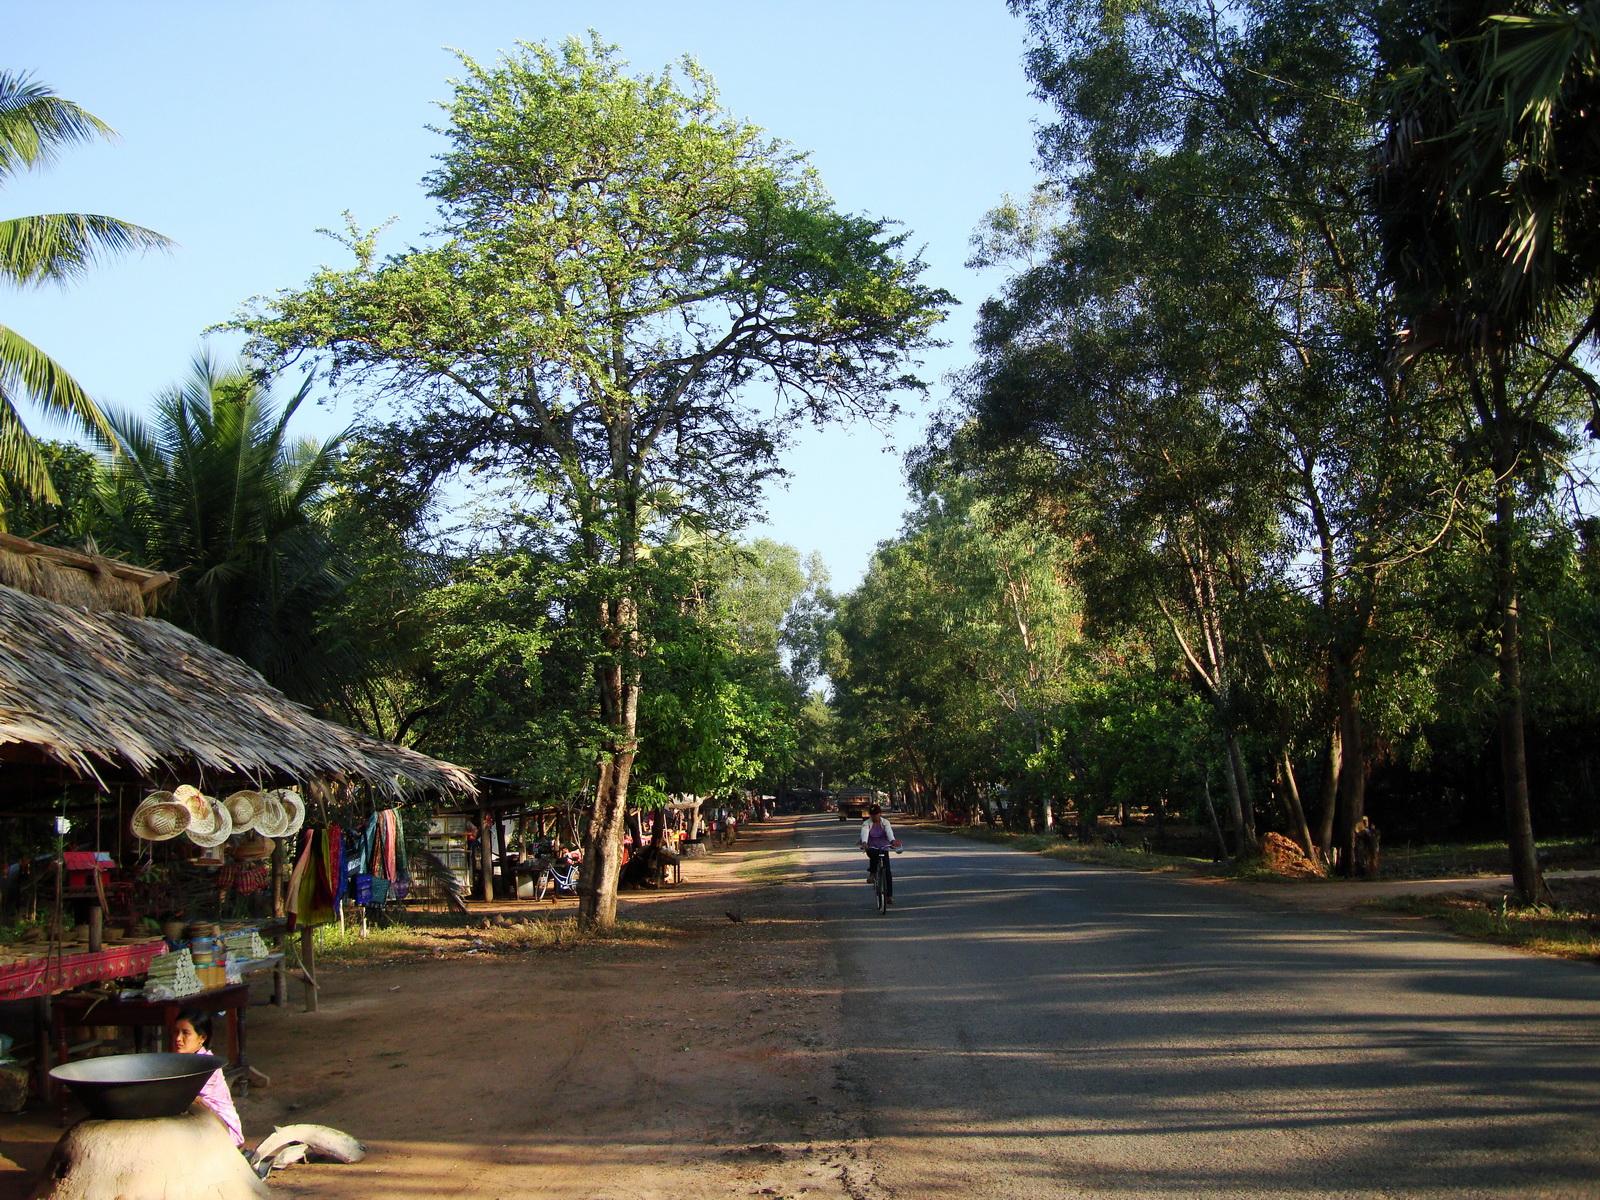 Banteay Srey road side village shops Jan 2010 05